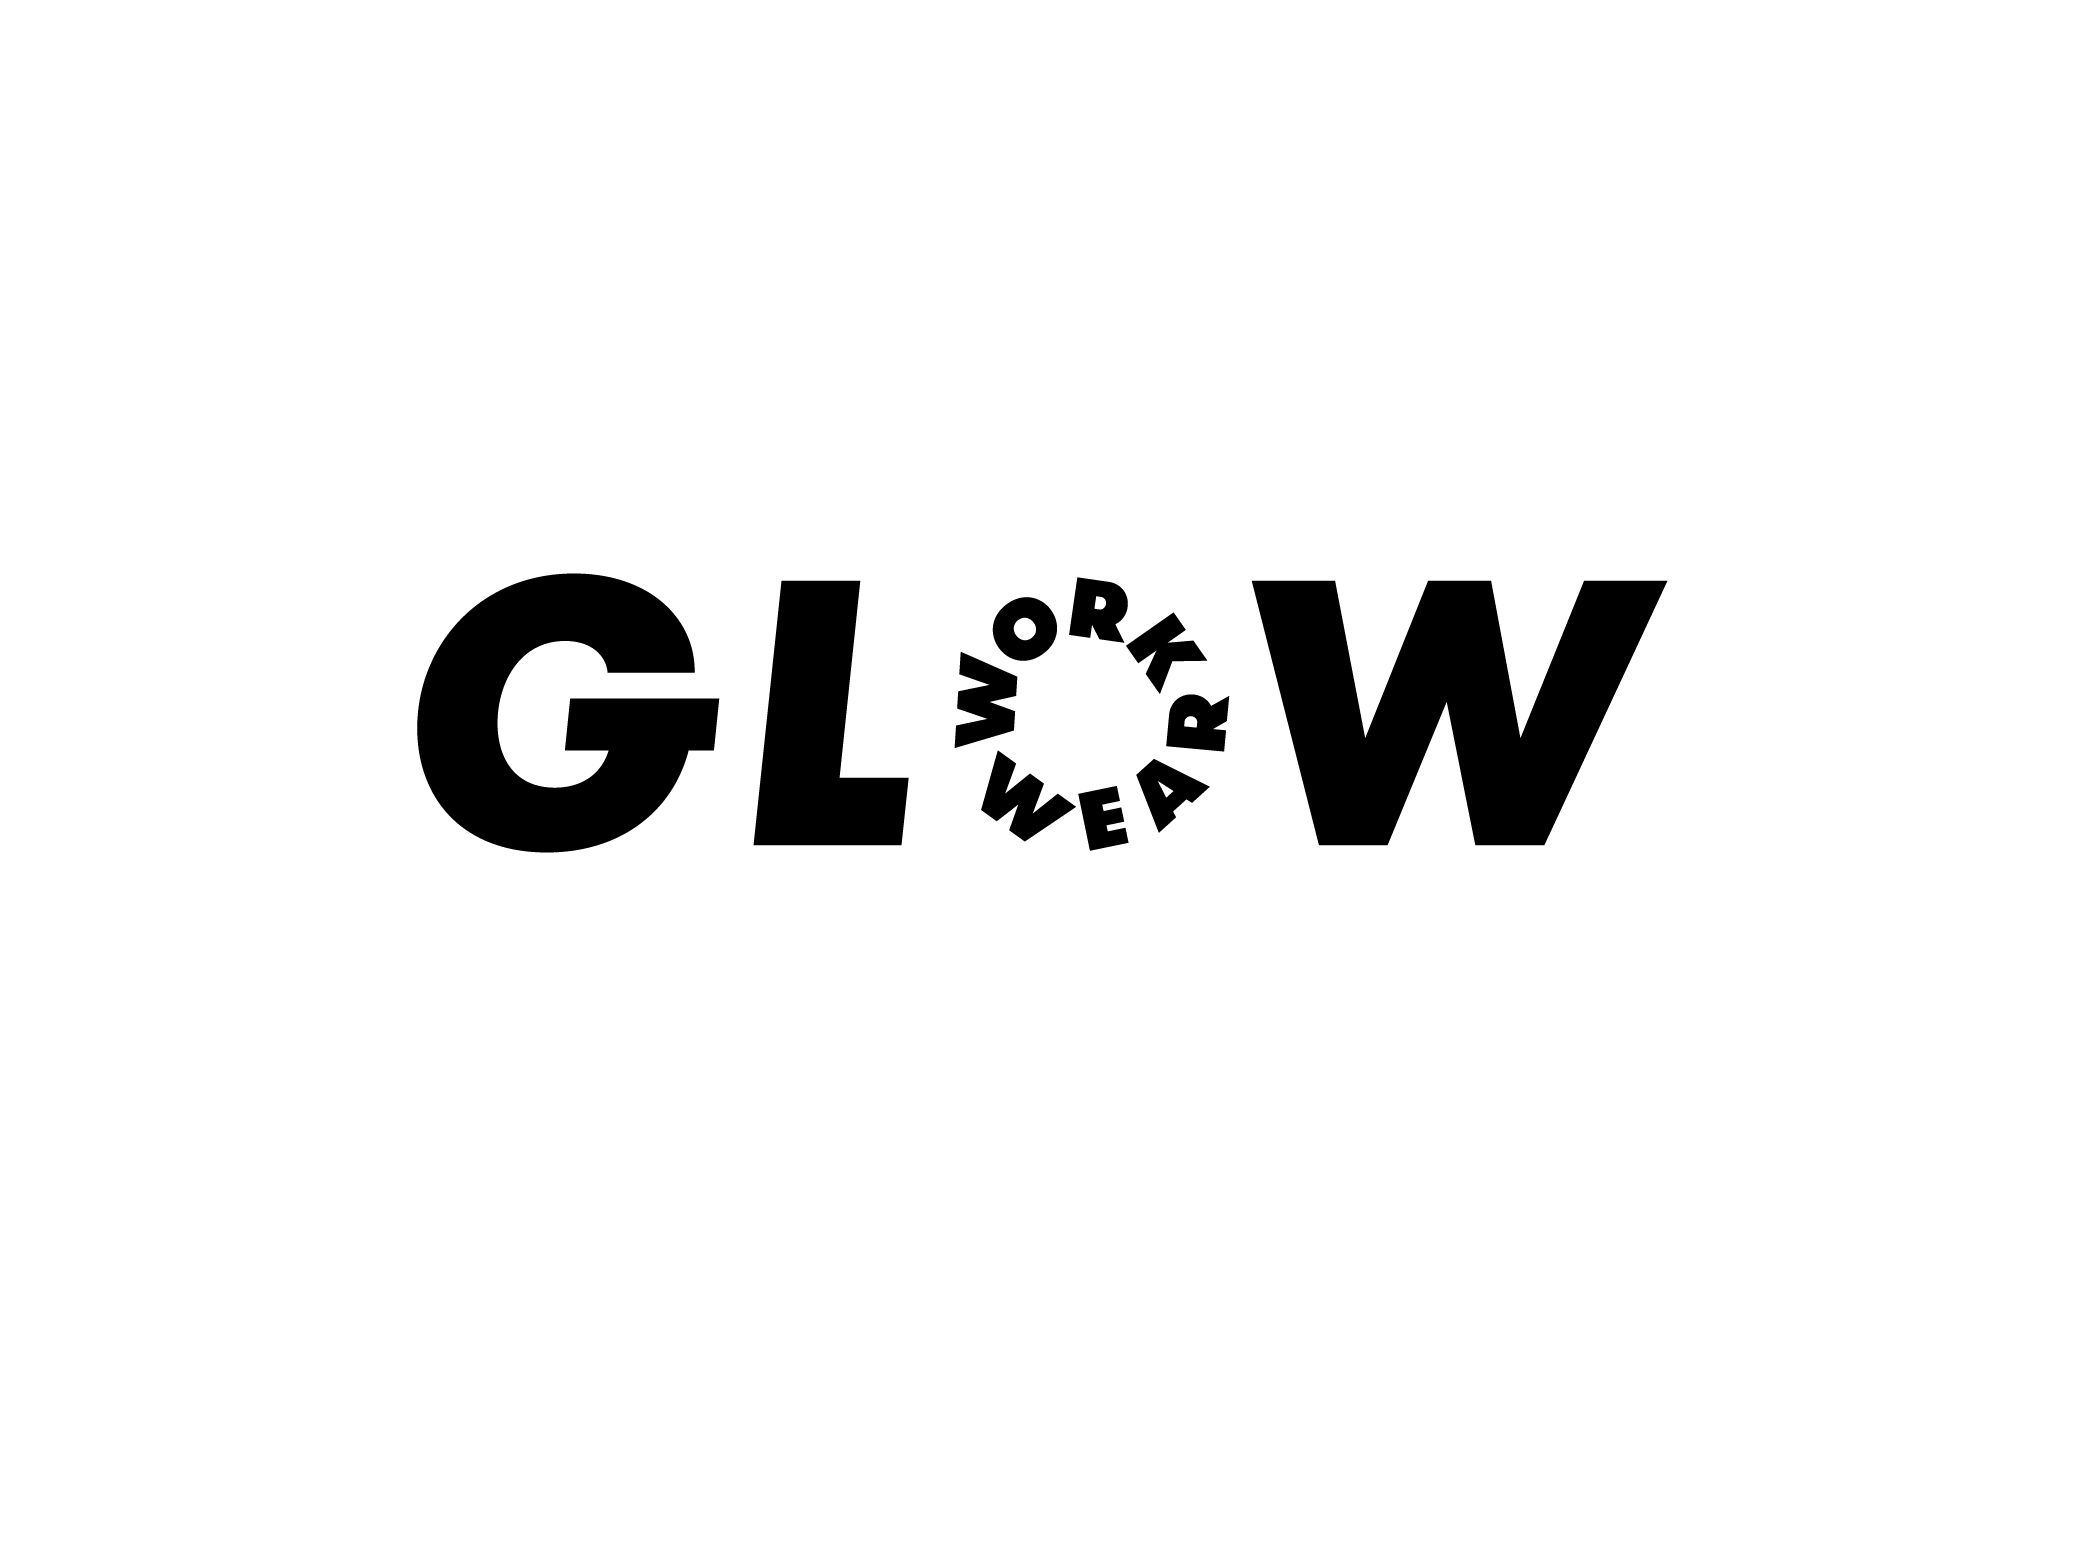 pbd_site2018_work_glow logo.jpg